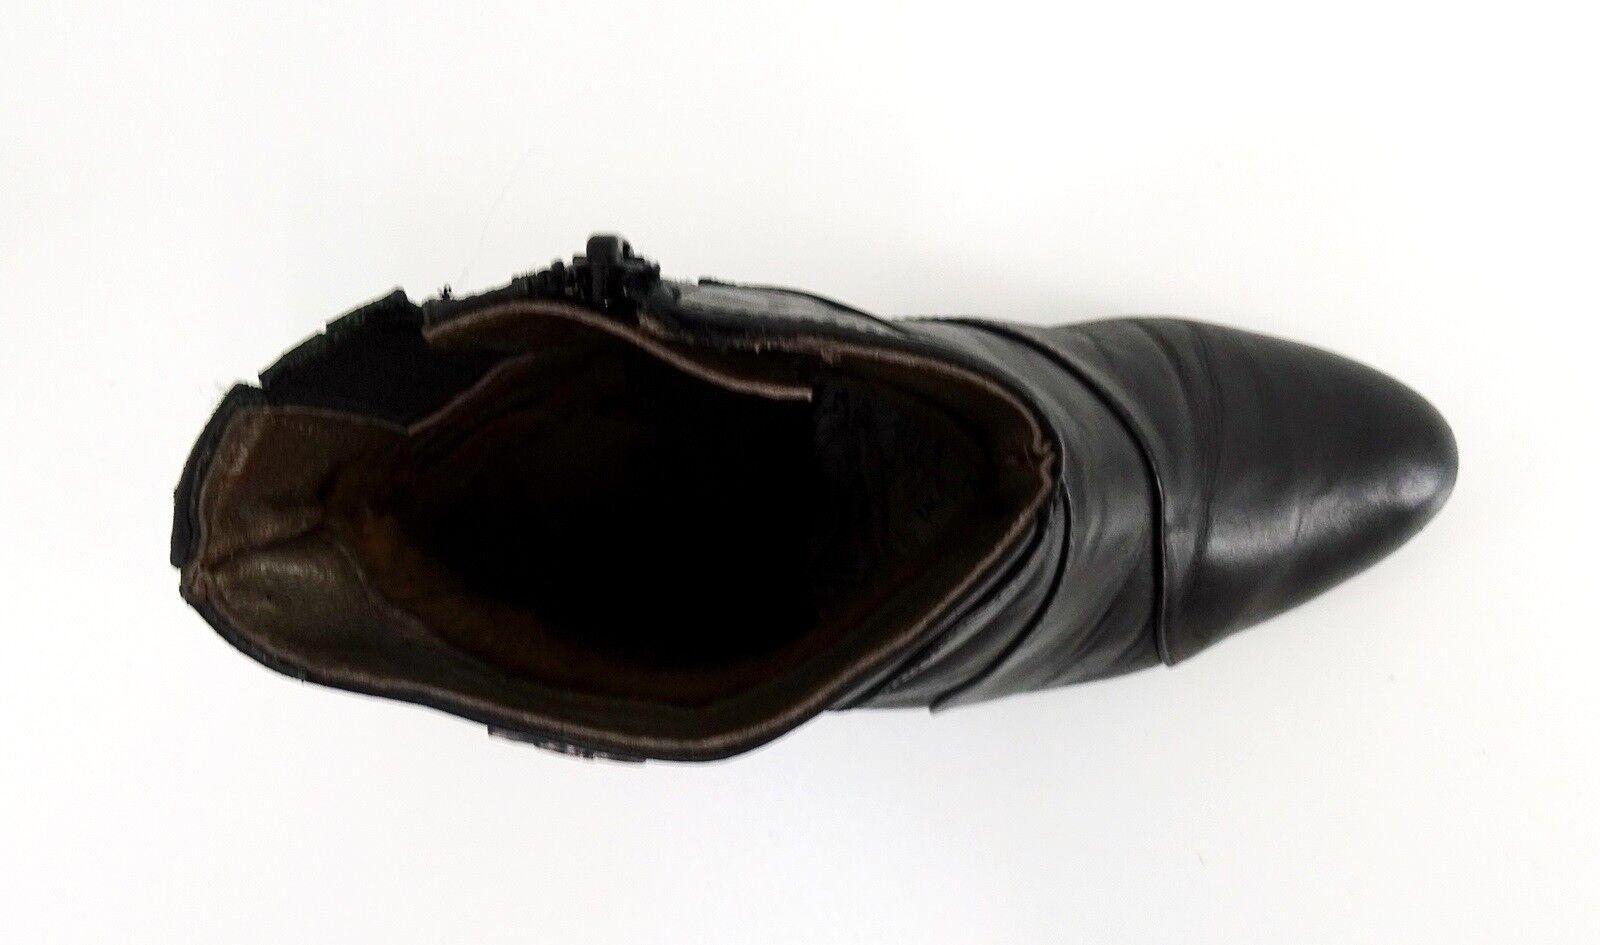 Stiefeletten Maloix Reißverschluss schmaler schmaler schmaler Blockabsatz Echtleder black Gr. 38 29ead4